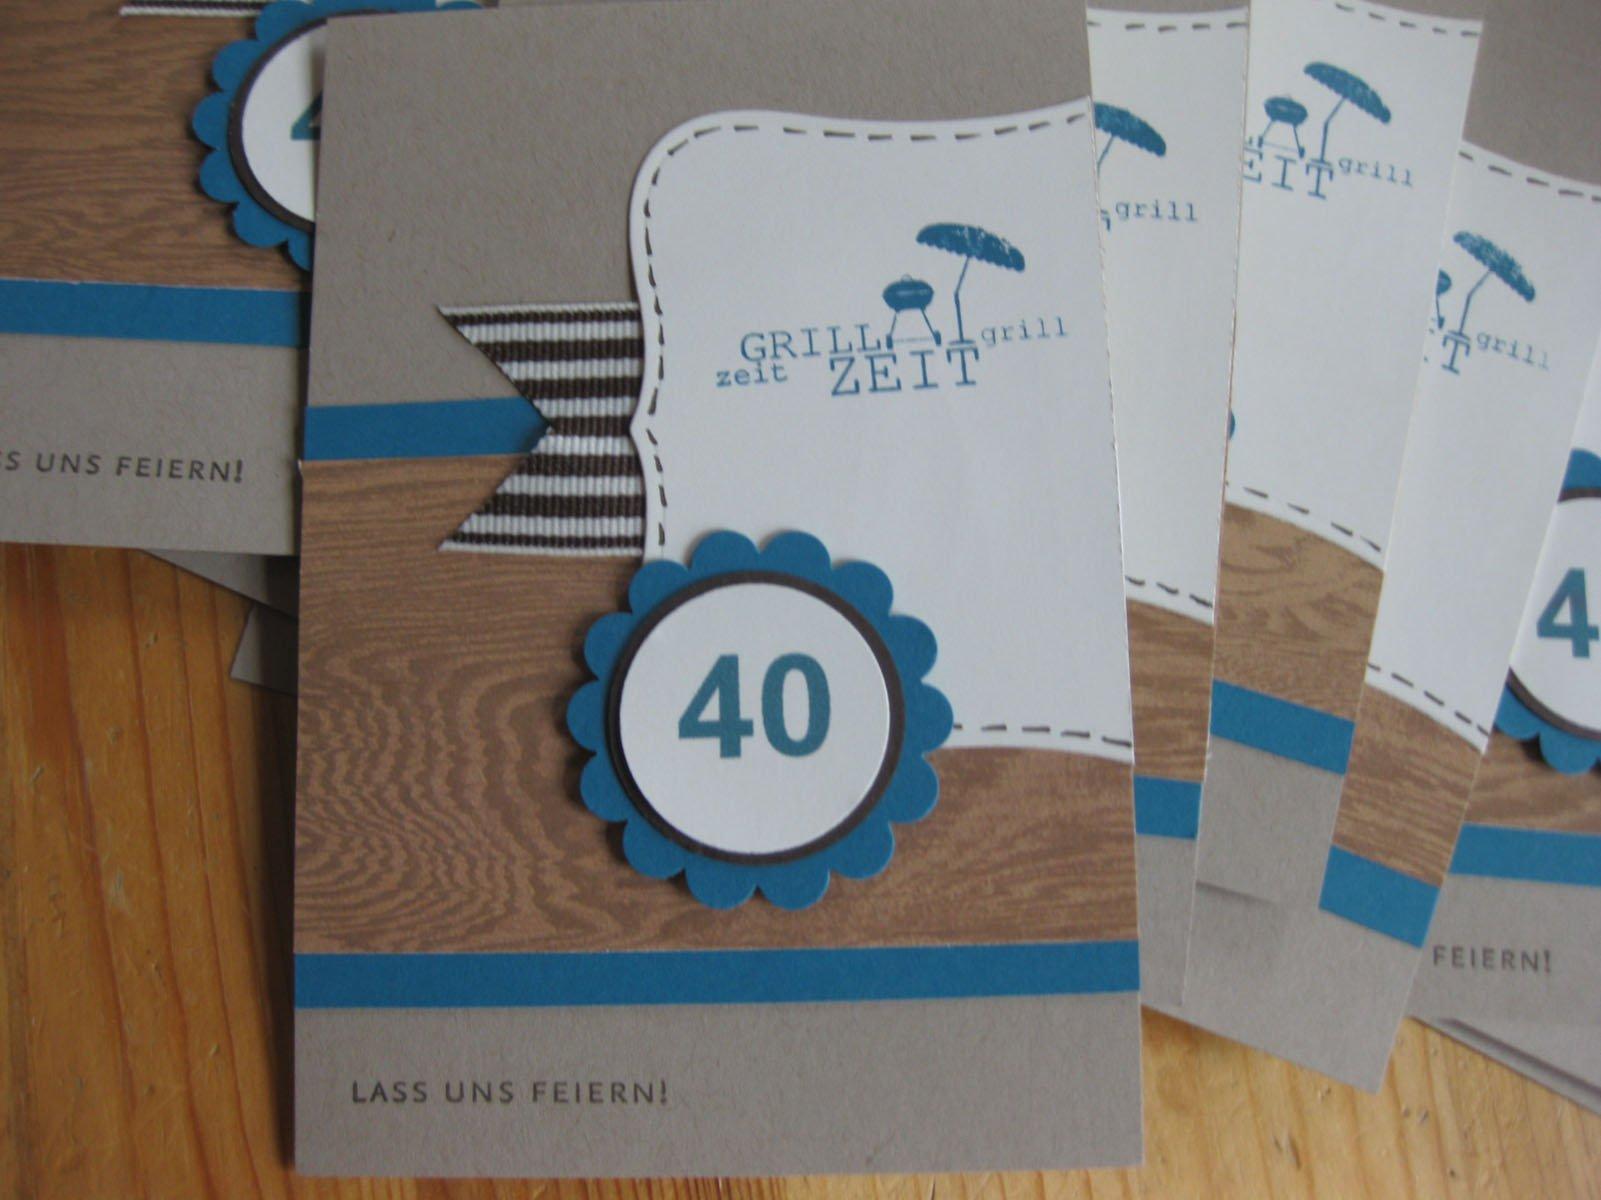 einladung zum 40 geburtstag einladung zum 40 geburtstag. Black Bedroom Furniture Sets. Home Design Ideas